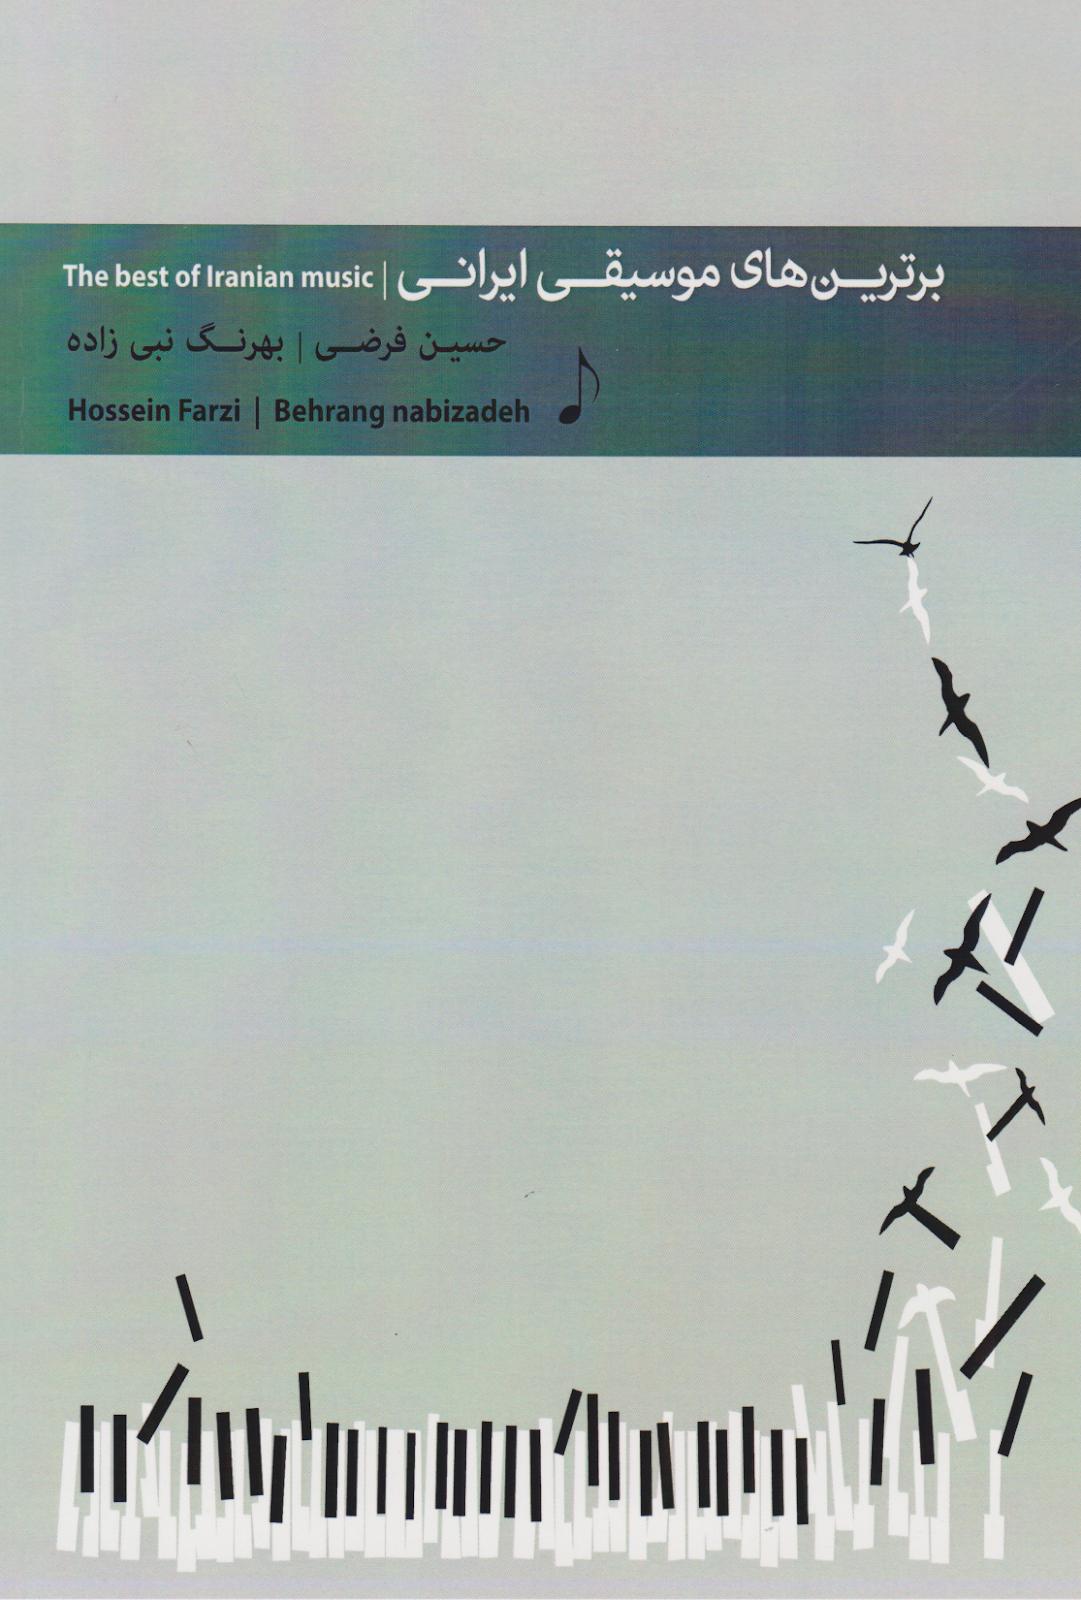 کتاب برترینهای موسیقی ایرانی حسین فرضی بهرنگ نبیزاده